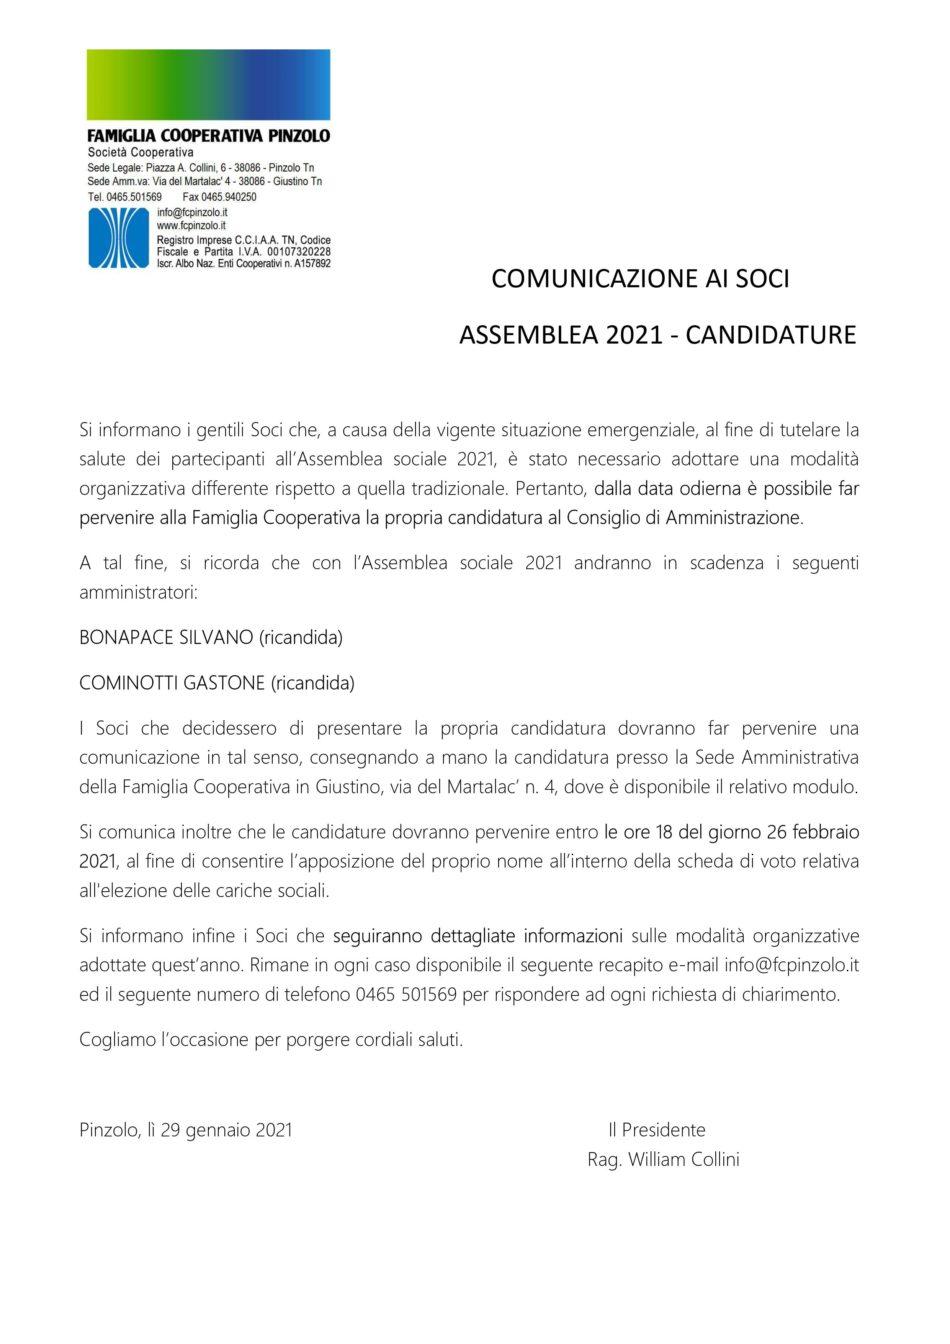 Comunicazione ai soci da parte di Famiglia Cooperativa Pinzolo SC